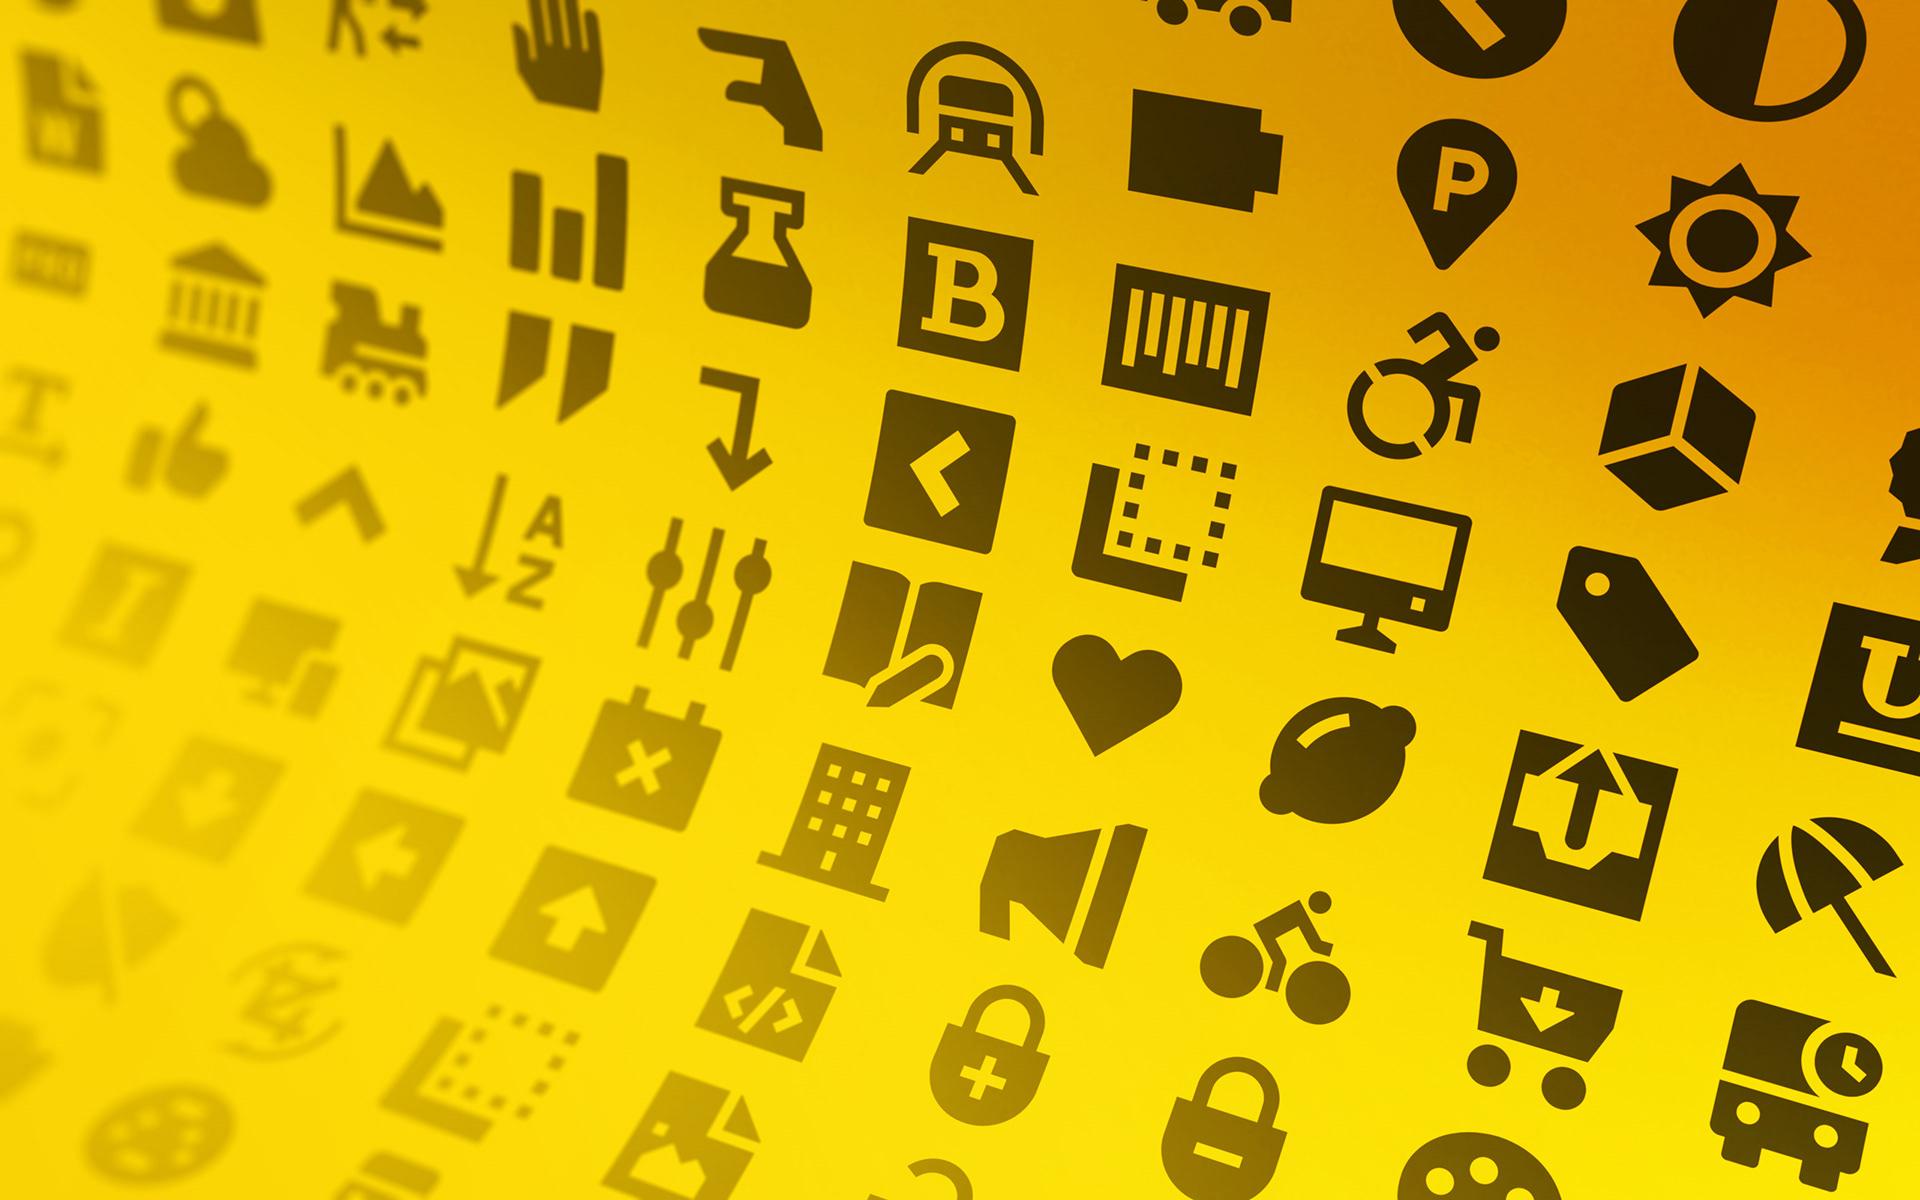 coreui-icons